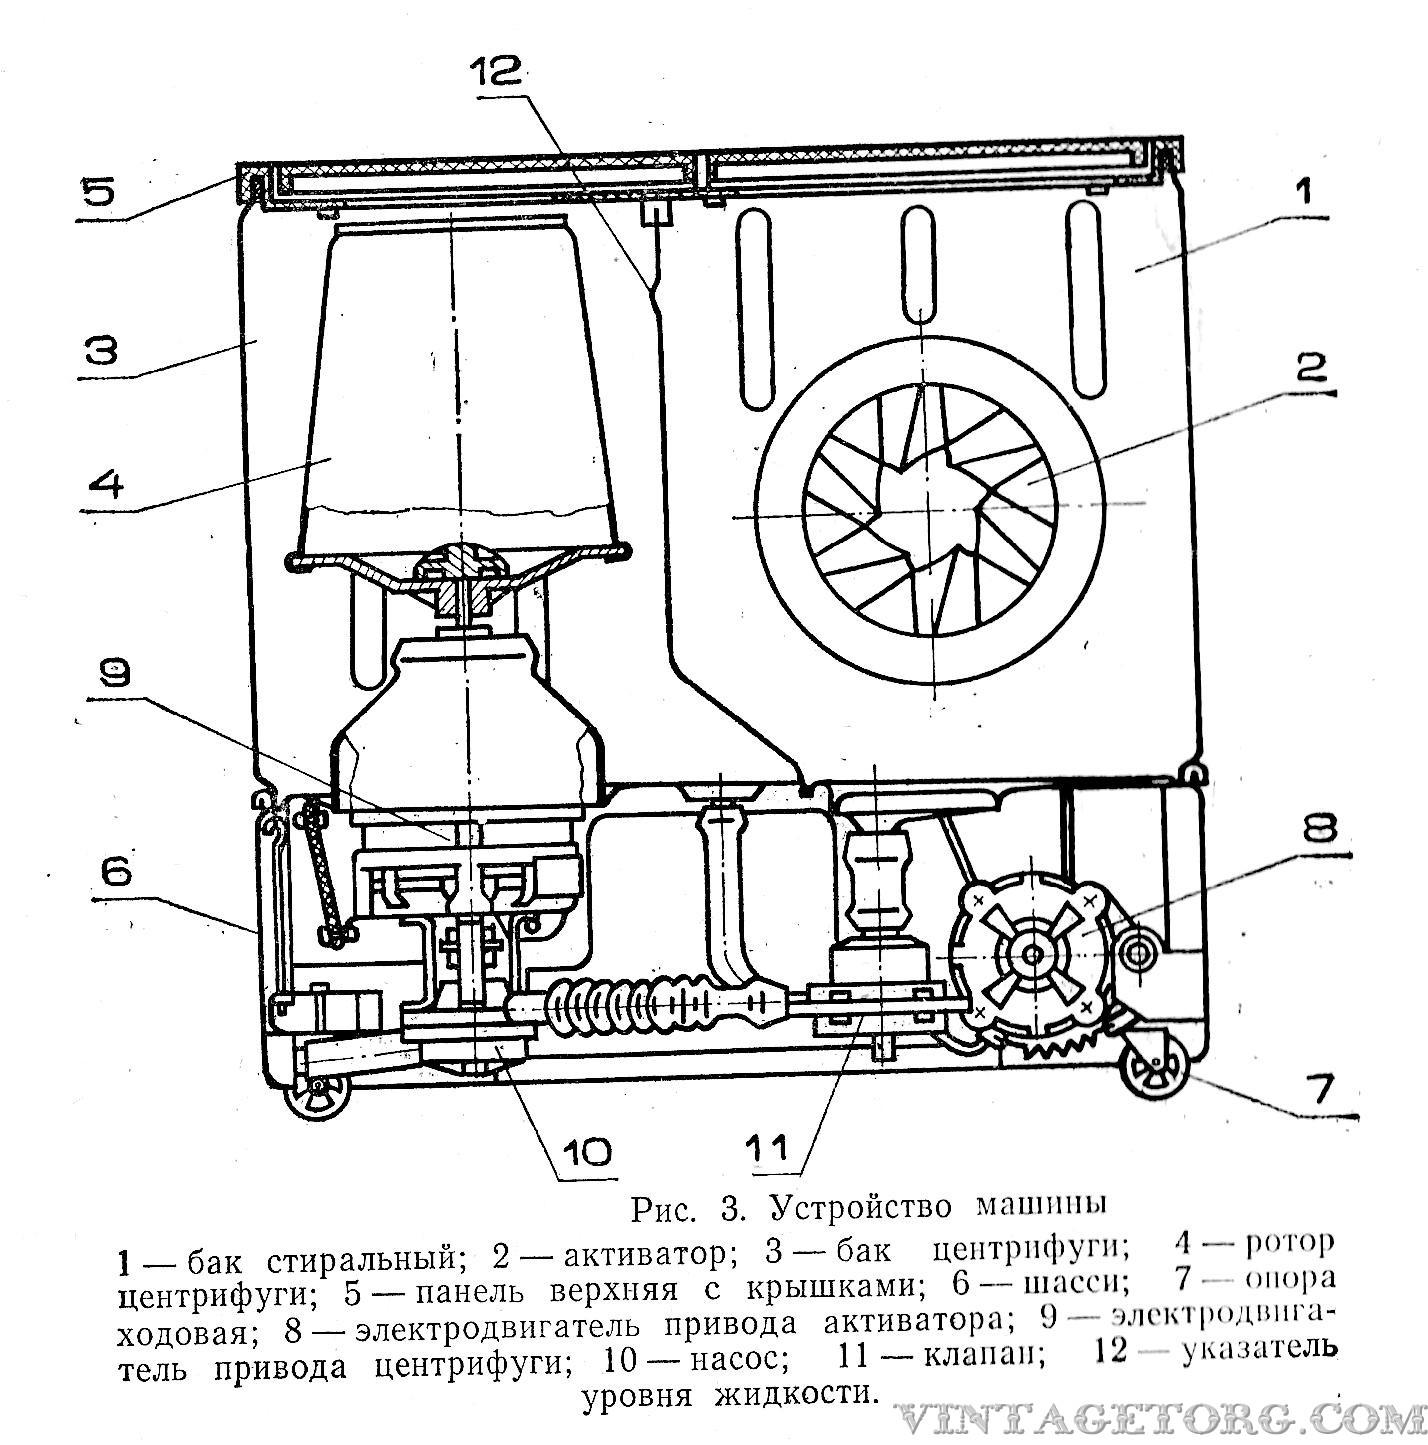 Ремонт стиральных машин сибирь своими руками